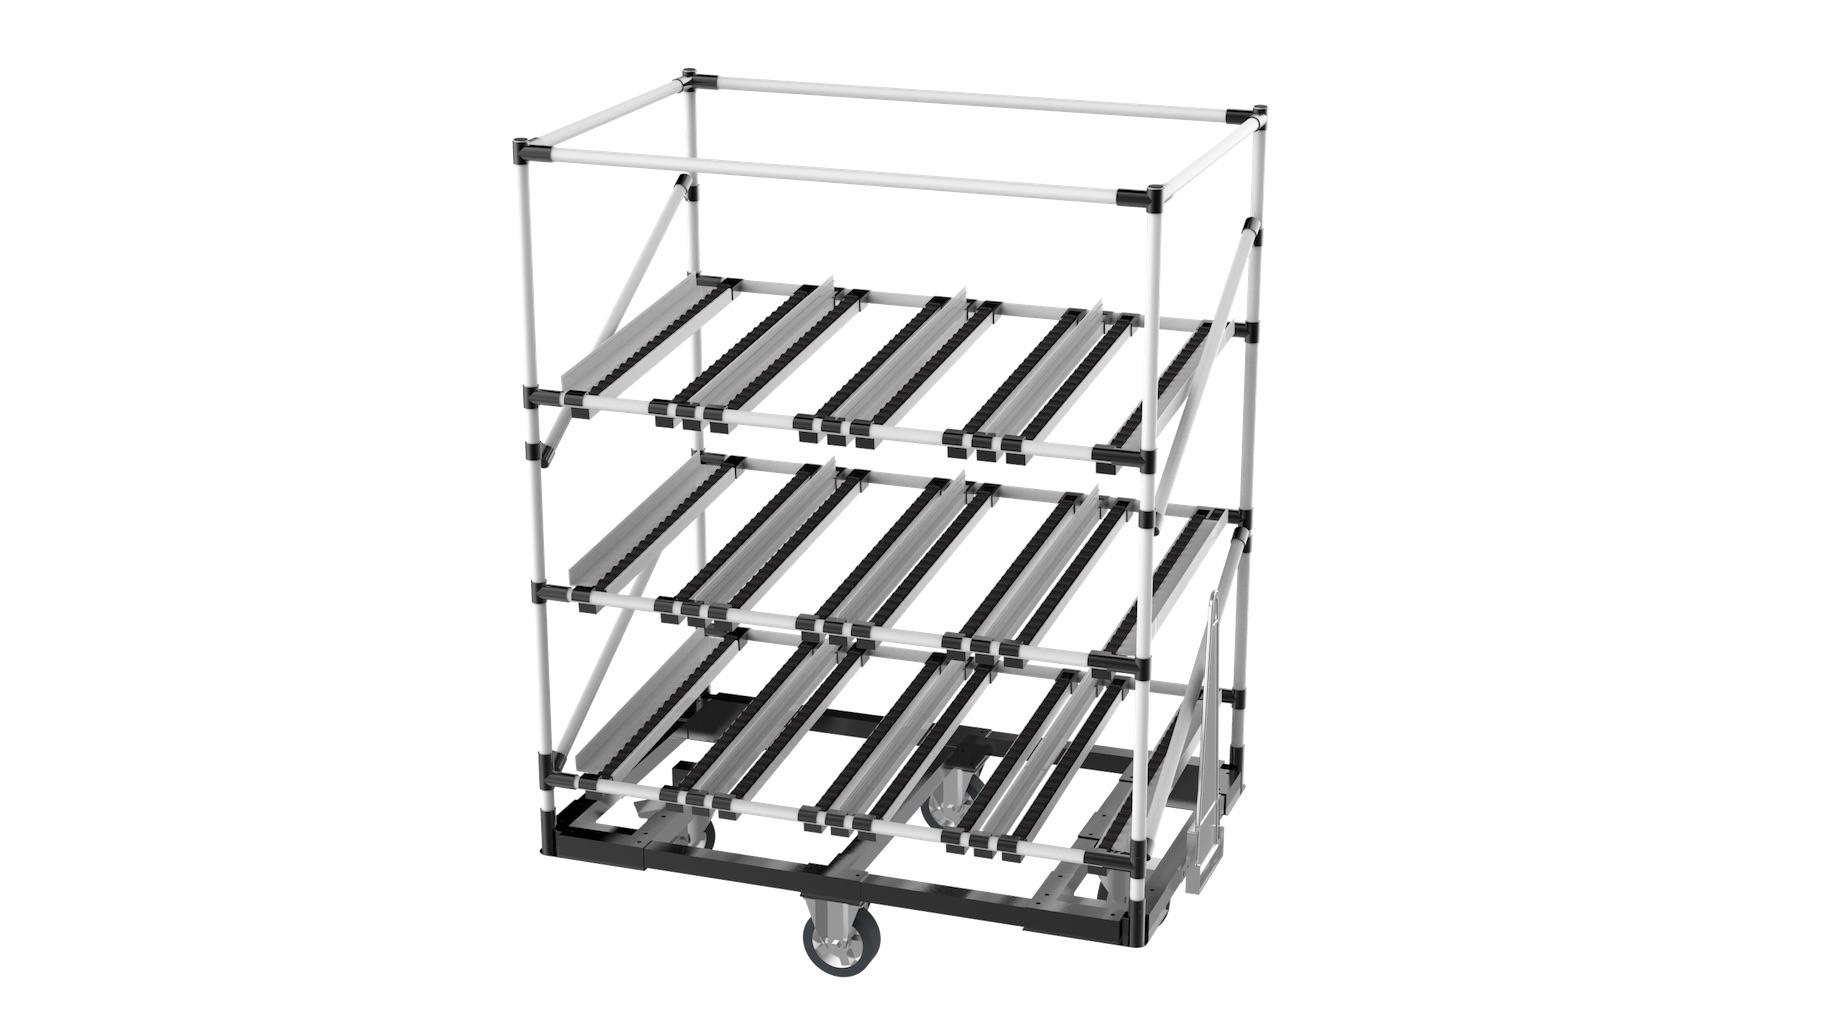 Agriculture - Chariot tractable monotrace type flow rack. Composé de 3 niveaux d'approvisionnement avec rails à galets. Idéal pour l'acheminement des composants d'une étape à l'autre de la production. Timon et accroche timon pour une formation « petit train ».